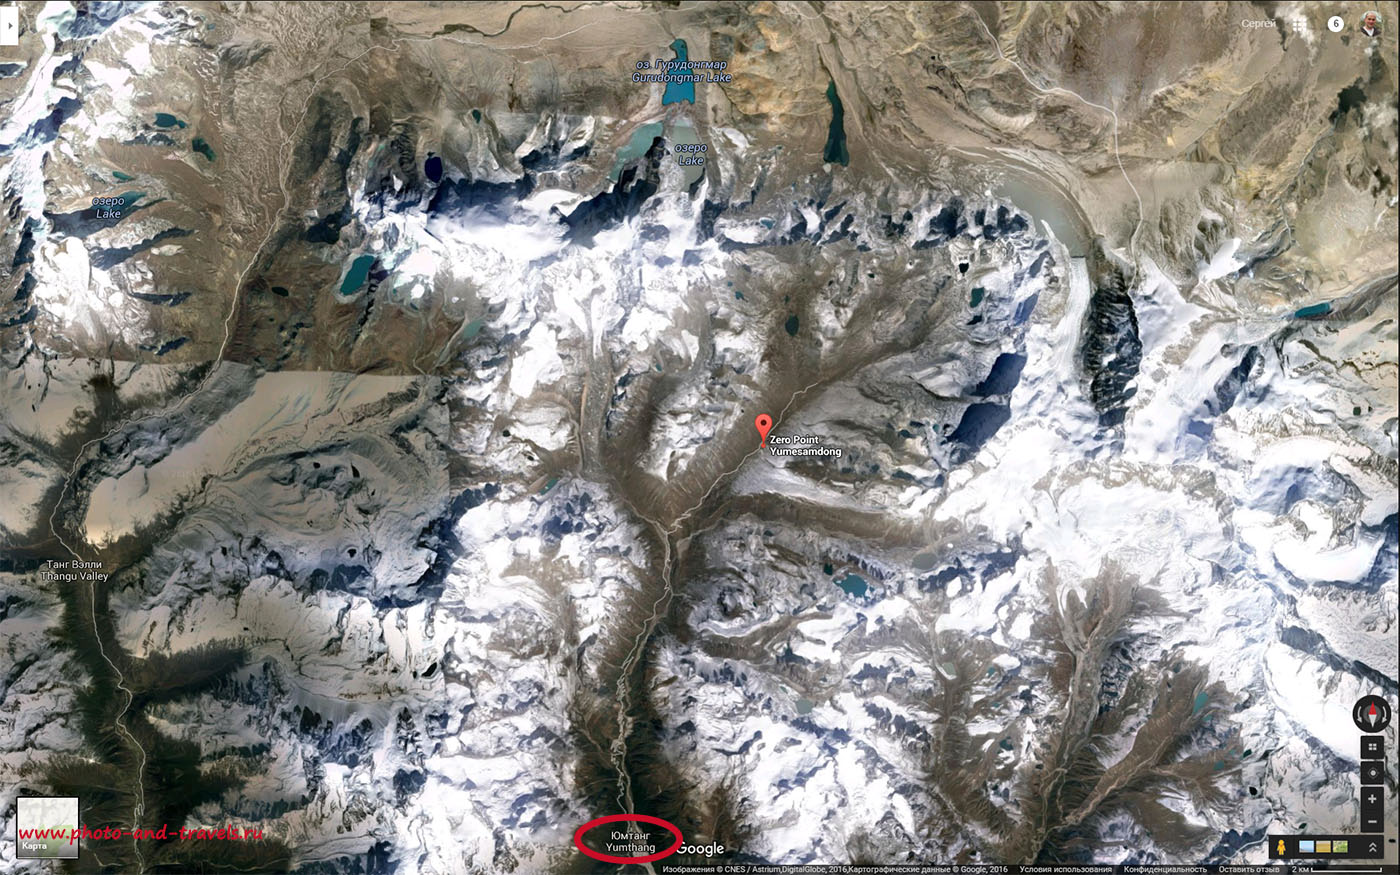 Рисунок 1. Карта путешествия из Yumthang Valley в Zero Point. Севернее видна еще одна достопримечательность штата Сикким – озеро Гурудонгмар (Gurudongmar Lake). Сюда тоже организуют двухдневные экскурсии. Интересные места в Индии.